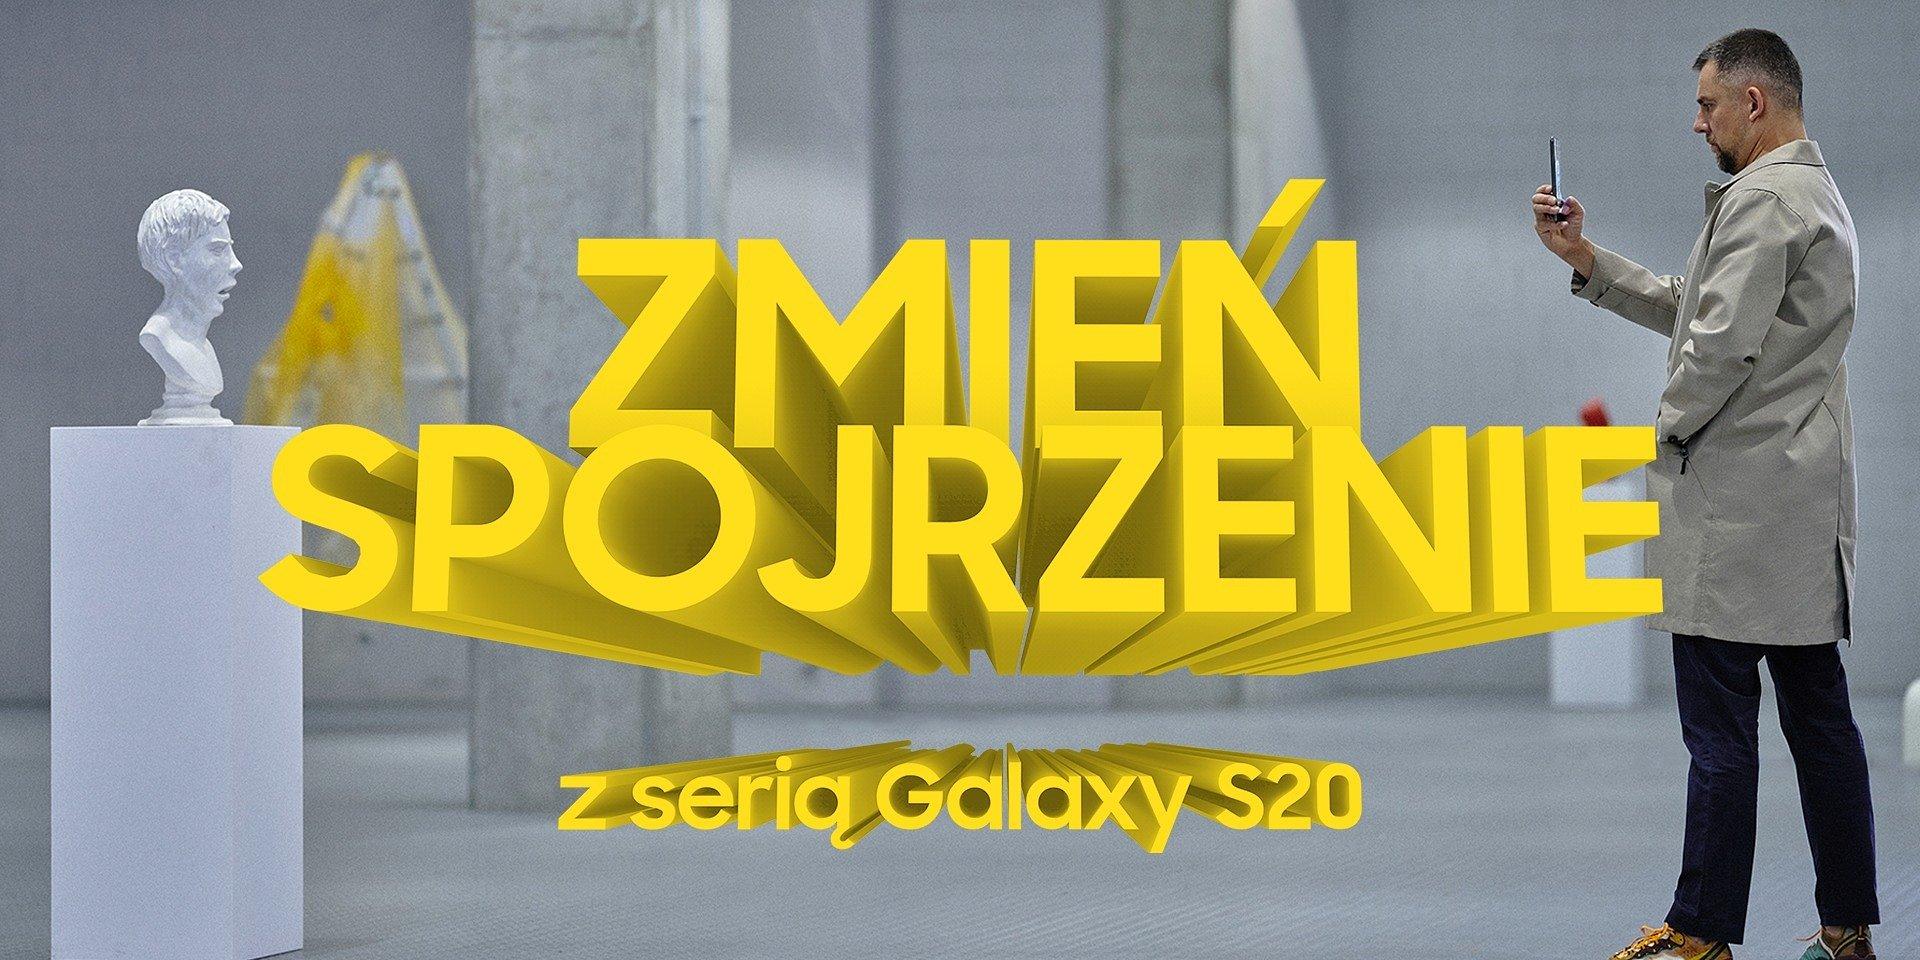 Wojtek Sokół za obiektywem Galaxy S20 Ultra w kampanii Samsung